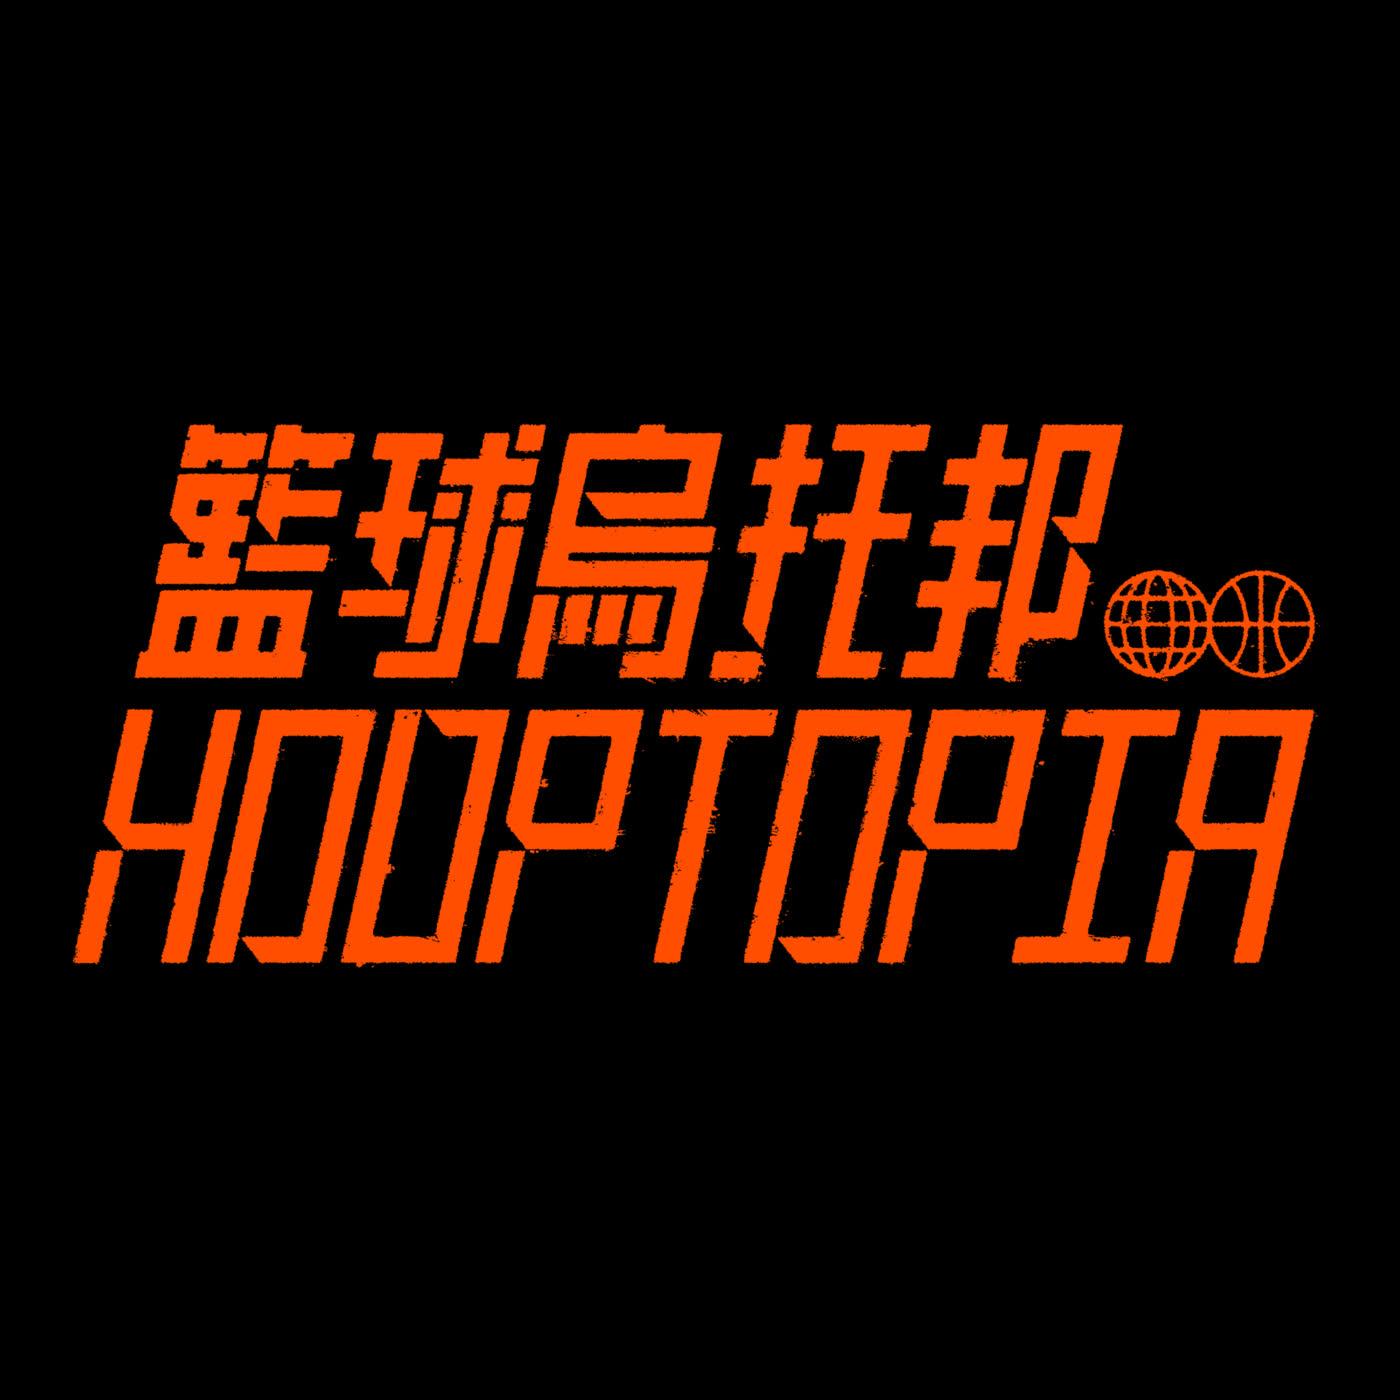 籃球烏托邦   Hooptopia